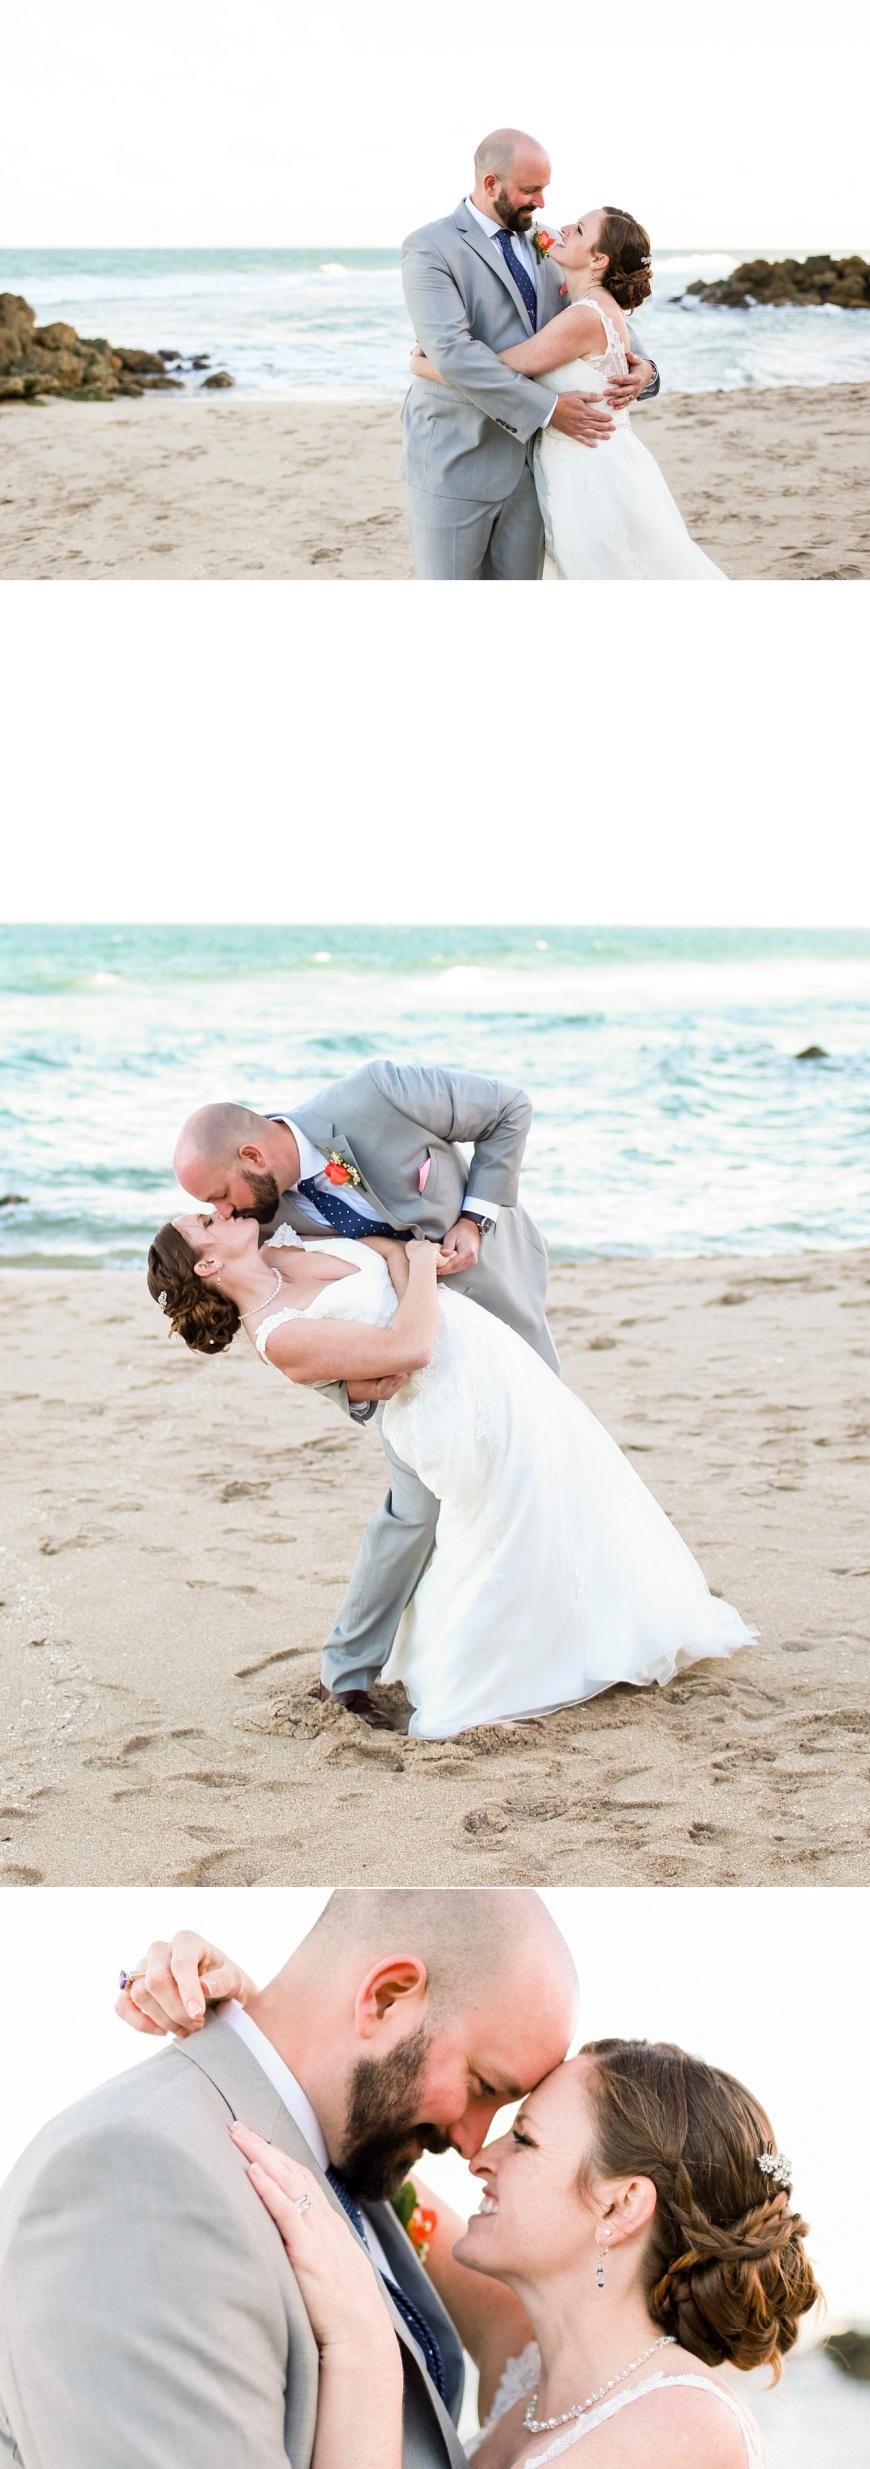 Deerfield-Beach-Wedding-Photographer_1072.jpg